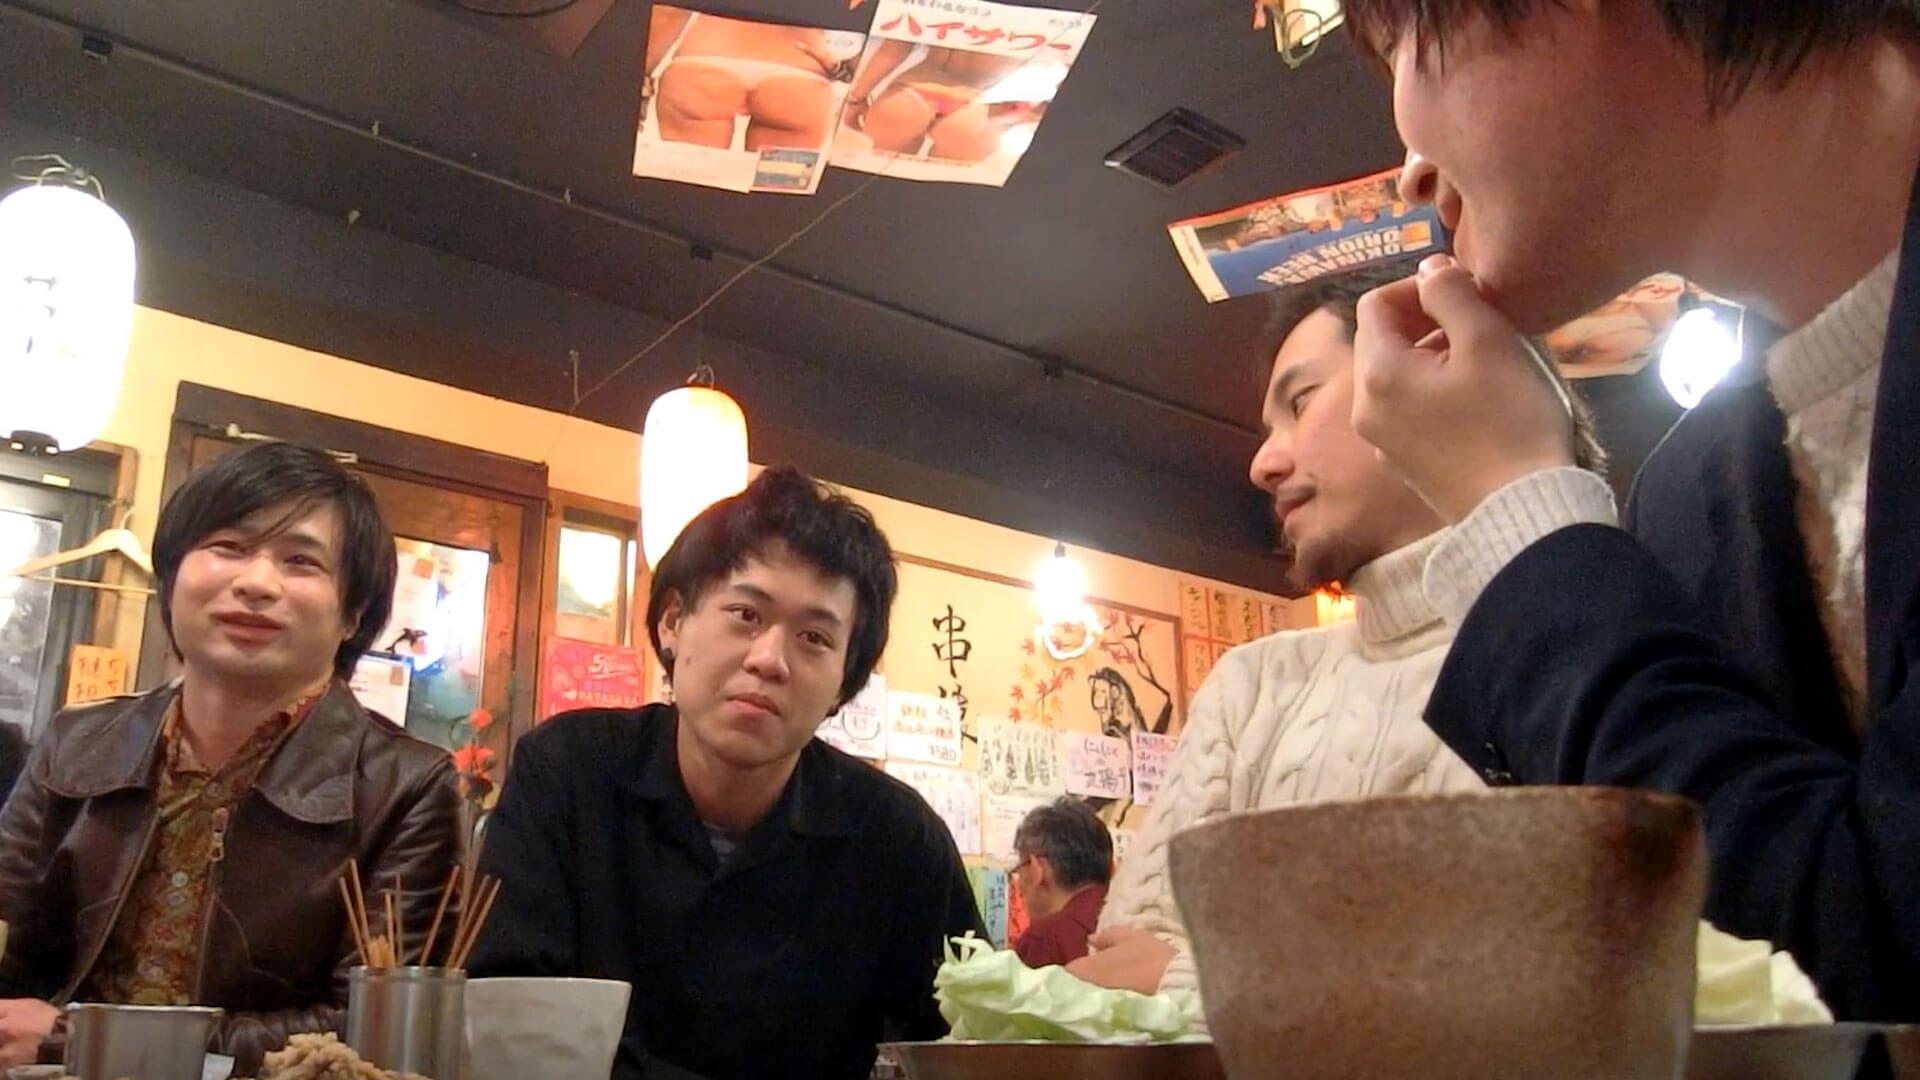 インタビュー|CROCODELIAに聞く台北アンダーグラウンド事情 013-interview-photo-03